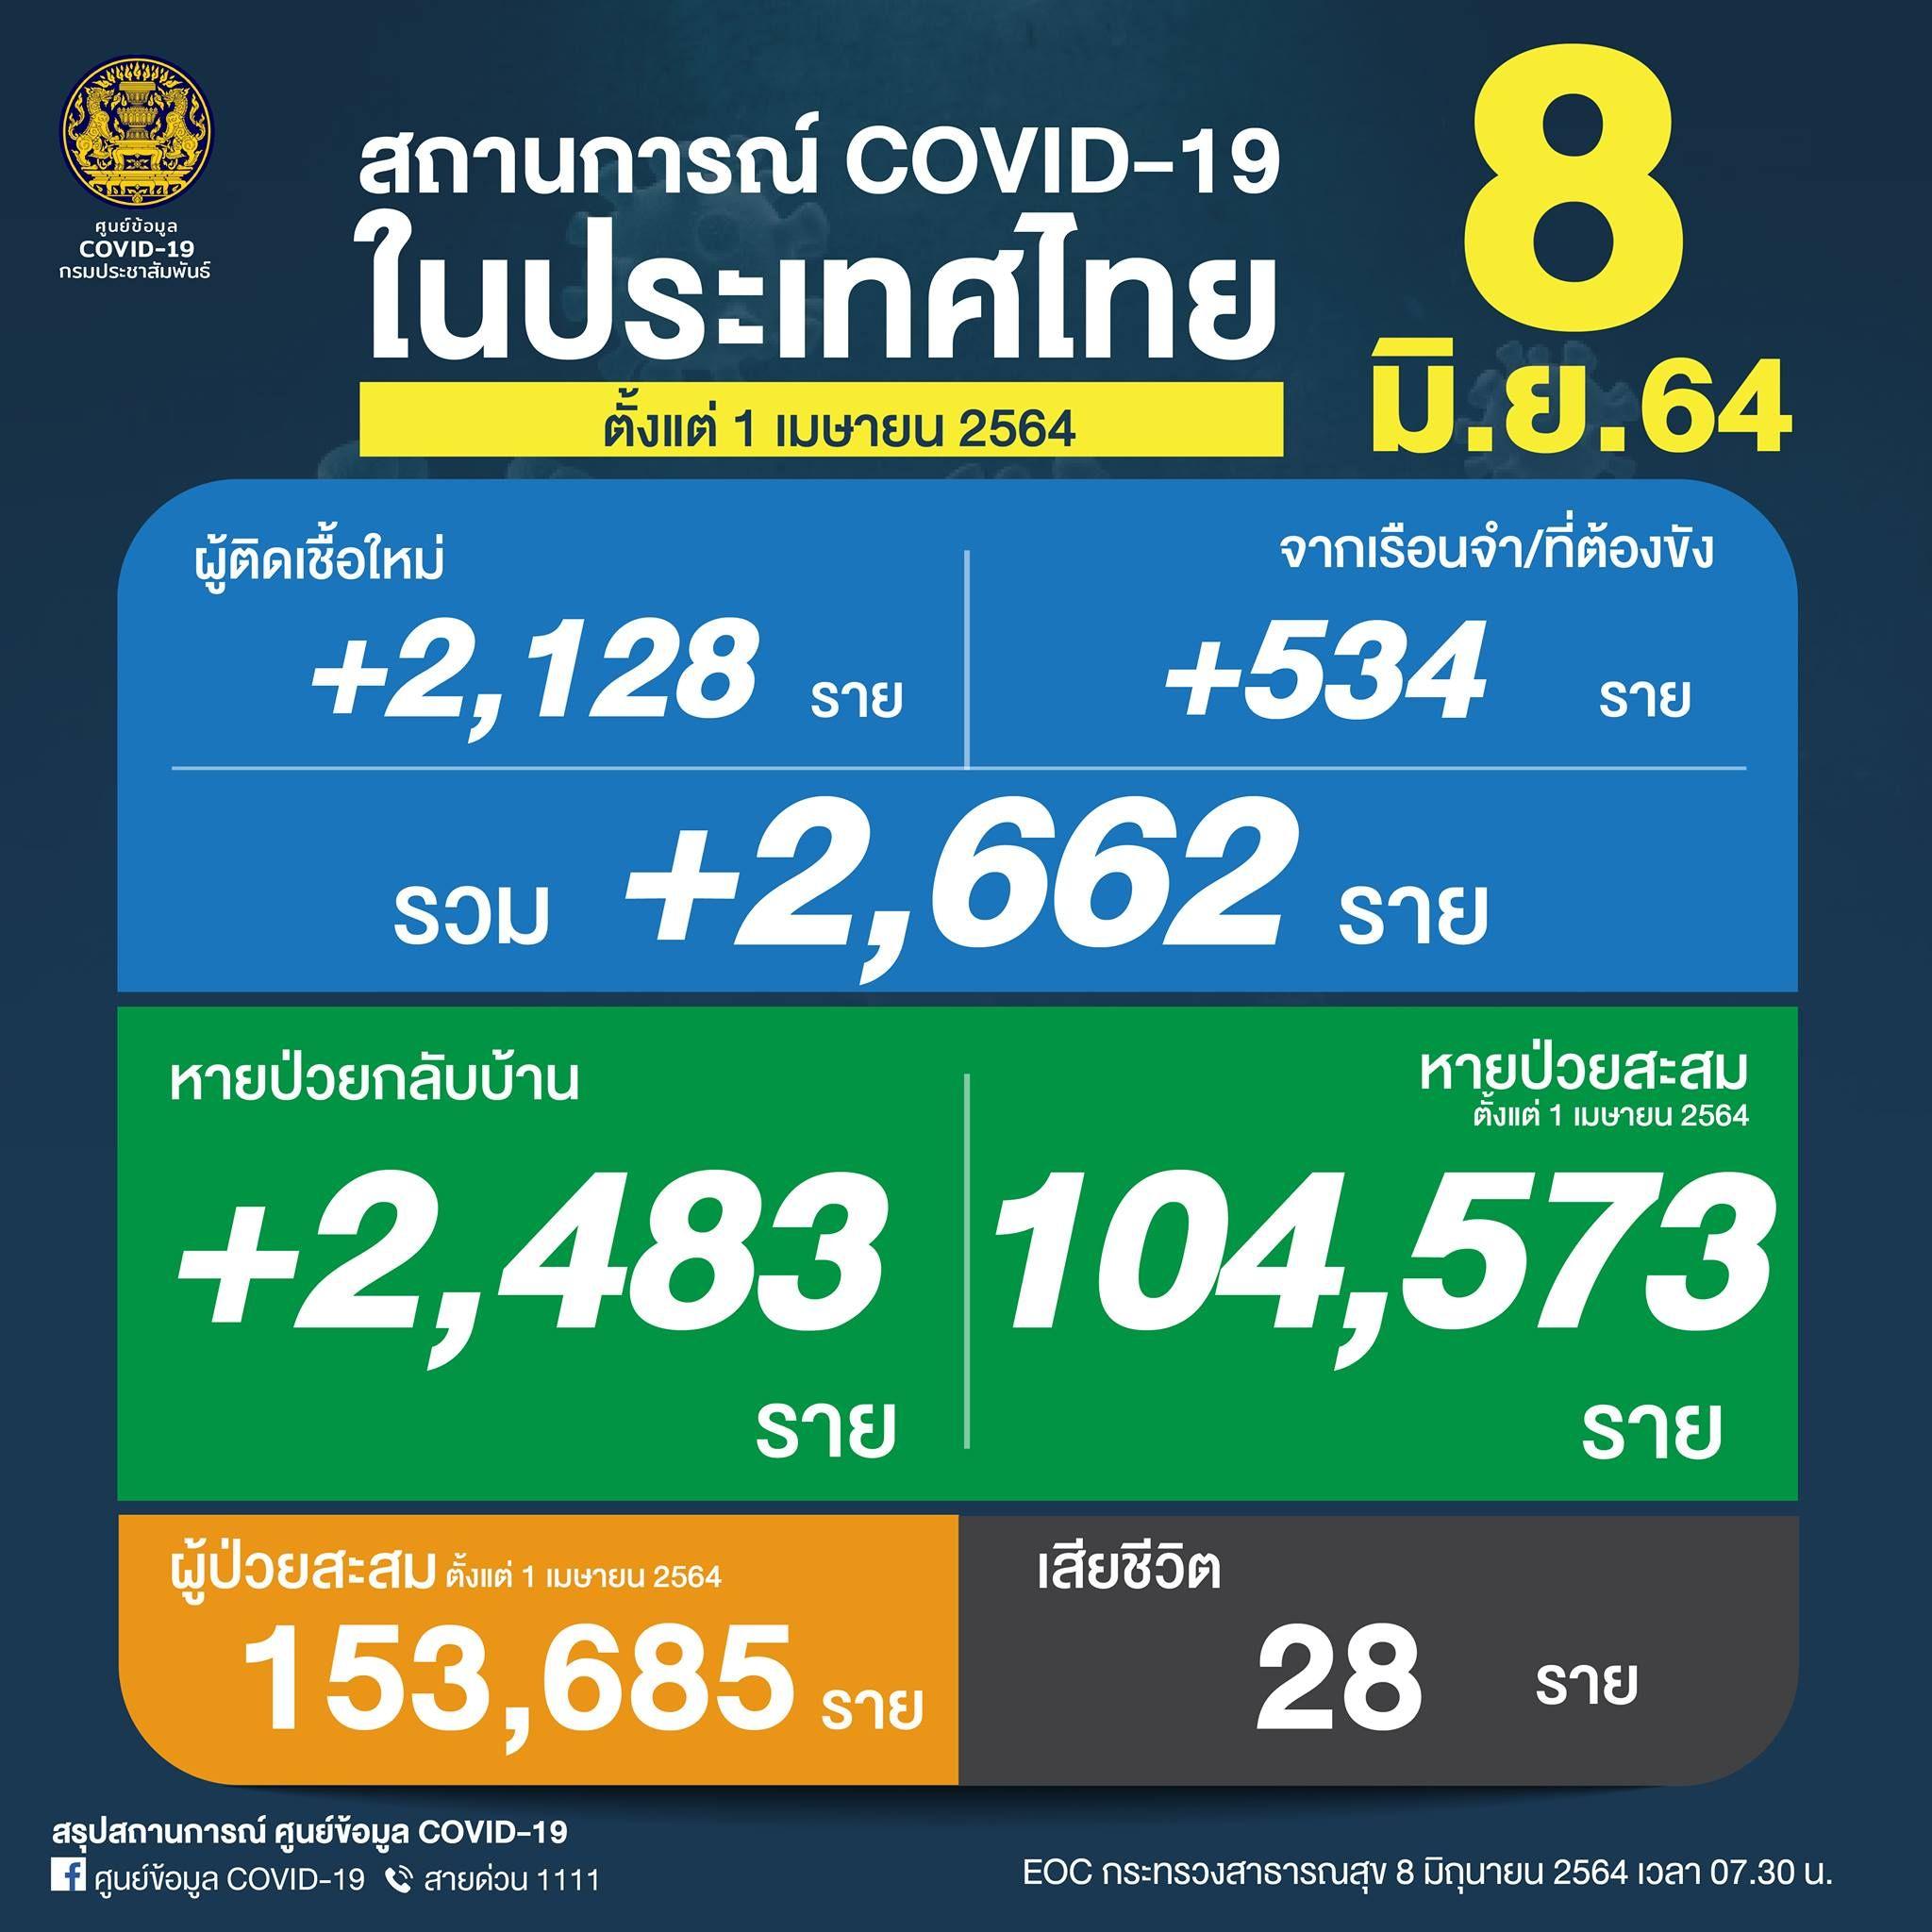 ยอด 'โควิด-19' วันนี้! พบเสียชีวิต 28 ราย ติดเชื้อเพิ่ม 2,662 ราย